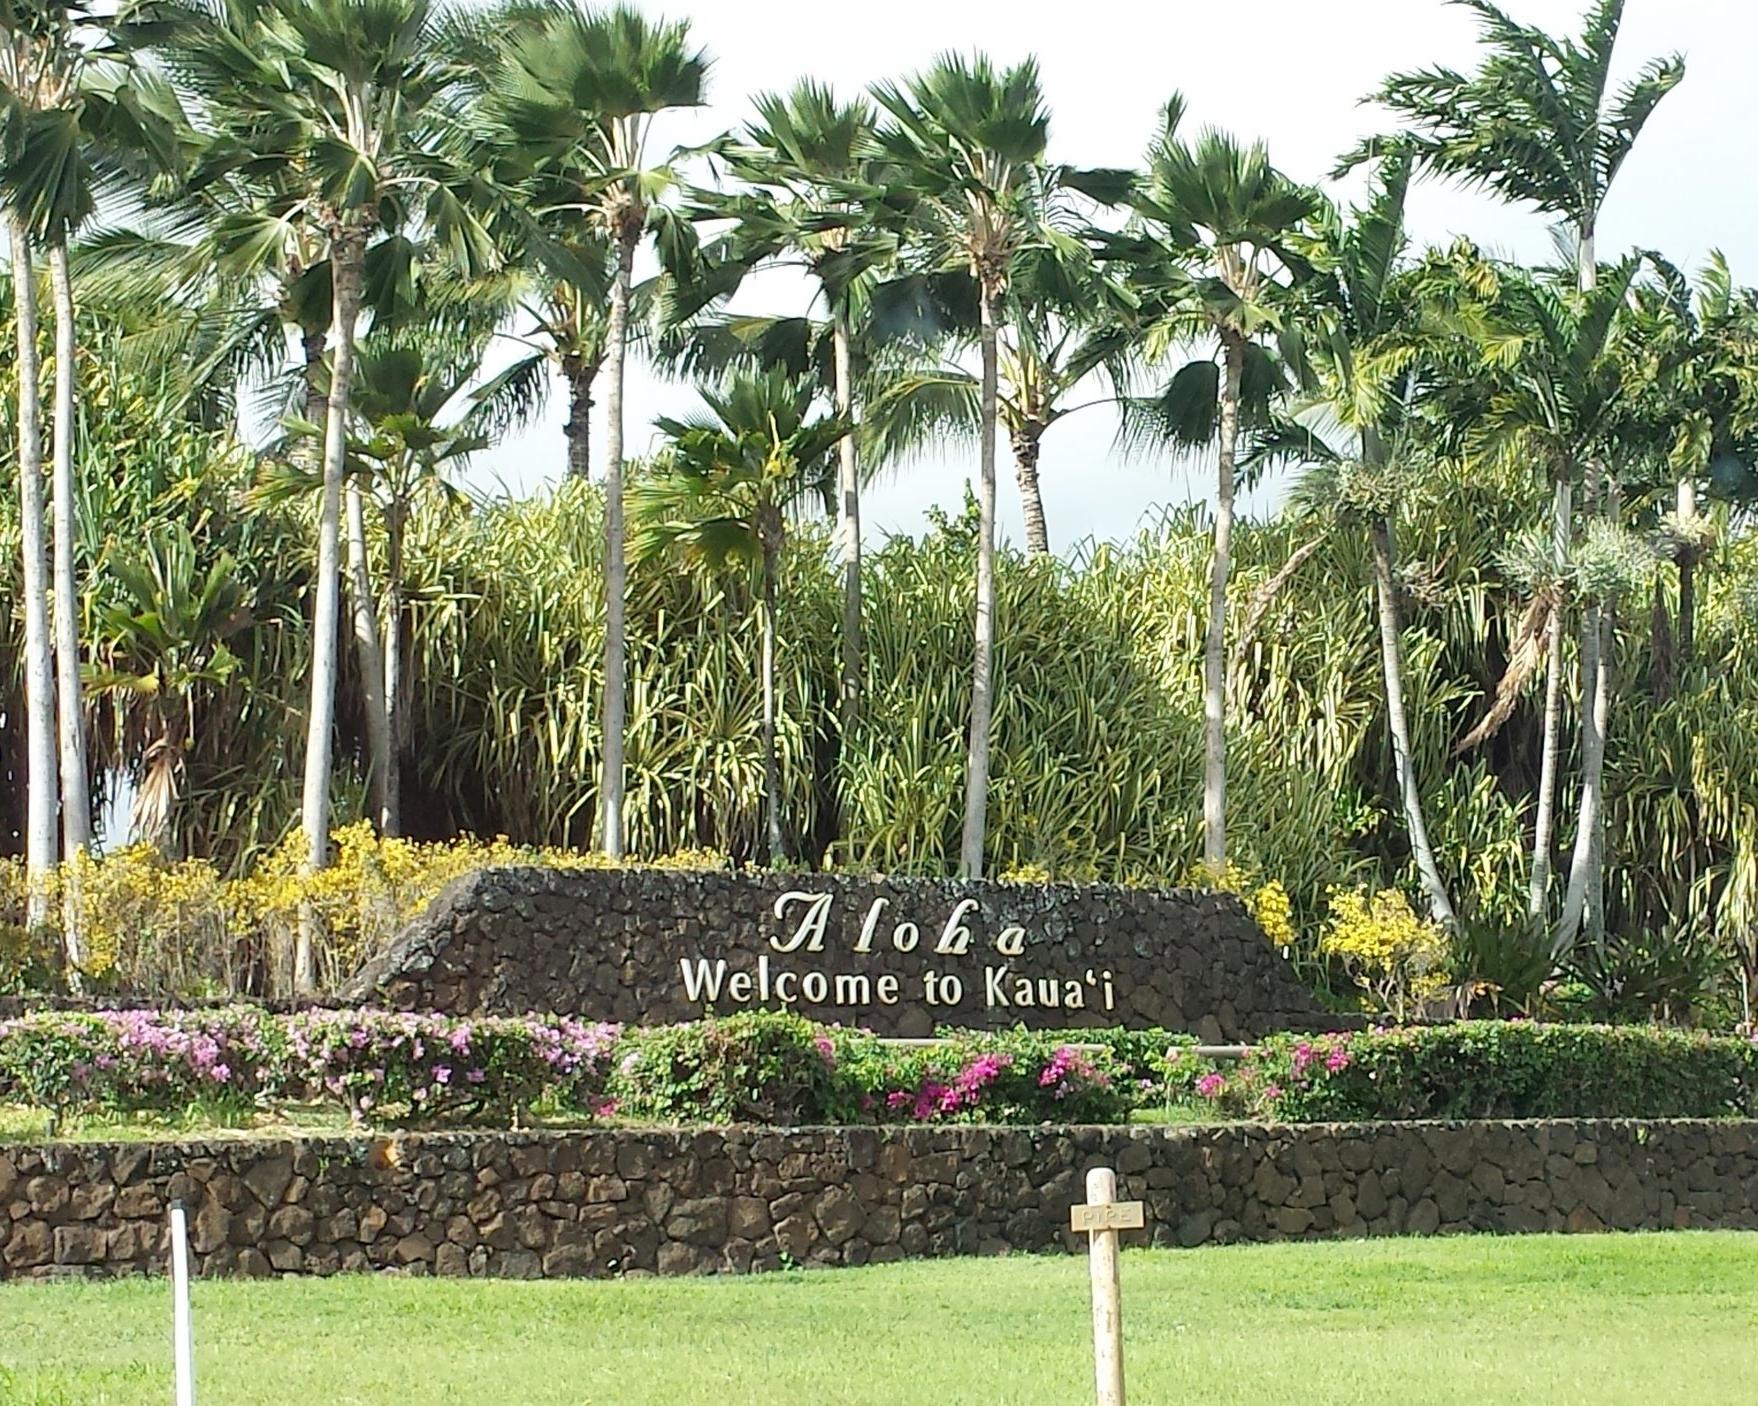 Hawaii vacation | Kauai vacation | Visit Hawaii | Beach vacation | Dream vacation | Plan Hawaii vacation | Island vacation | Hawaii budget | Budget vacation | Travel budget